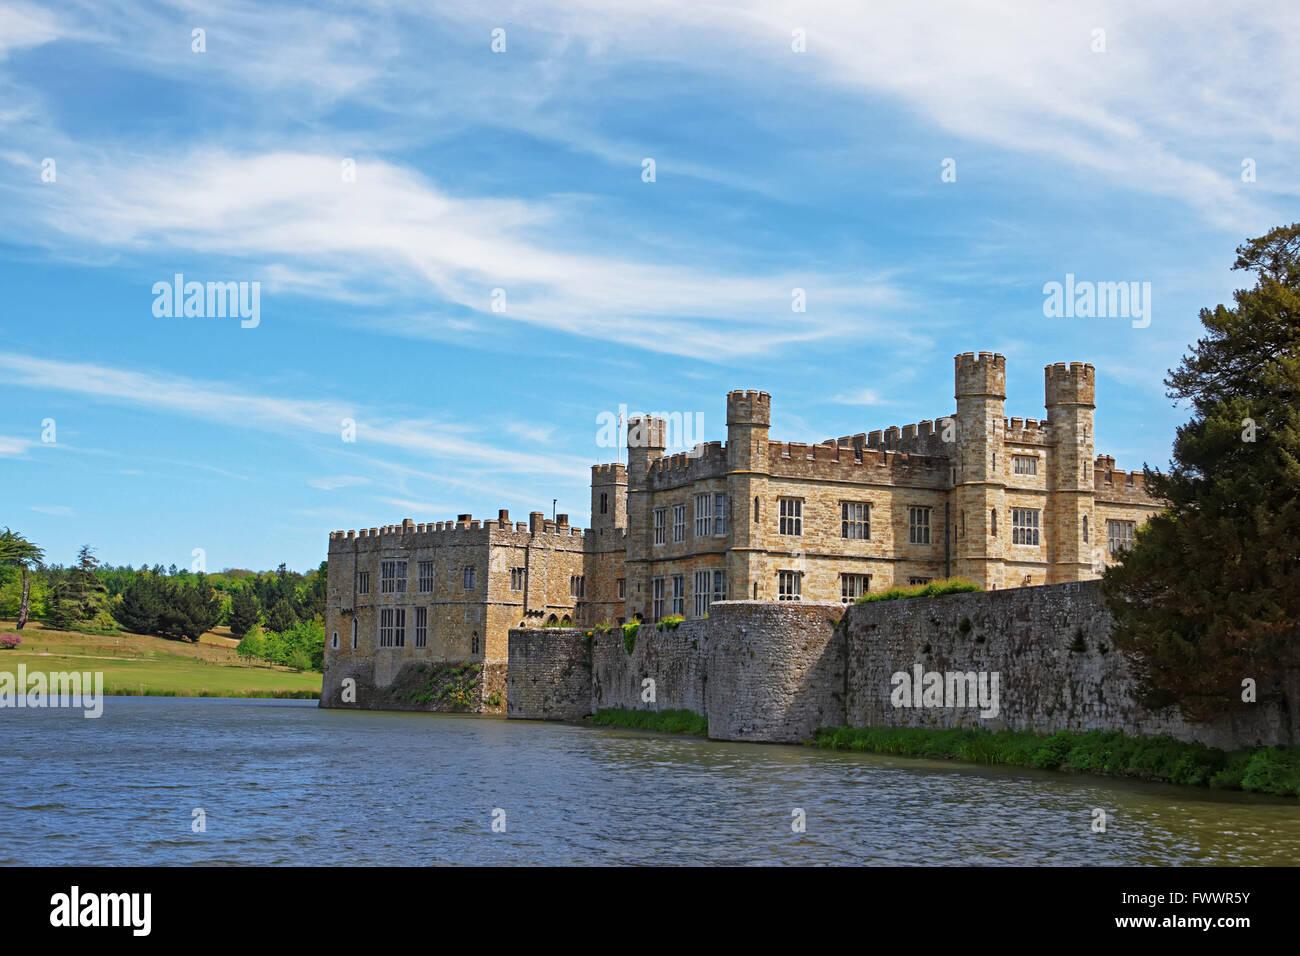 Leeds Castle in einem See in Kent in England. Die Burg wurde im 12. Jahrhundert als König Residenz erbaut. Stockbild